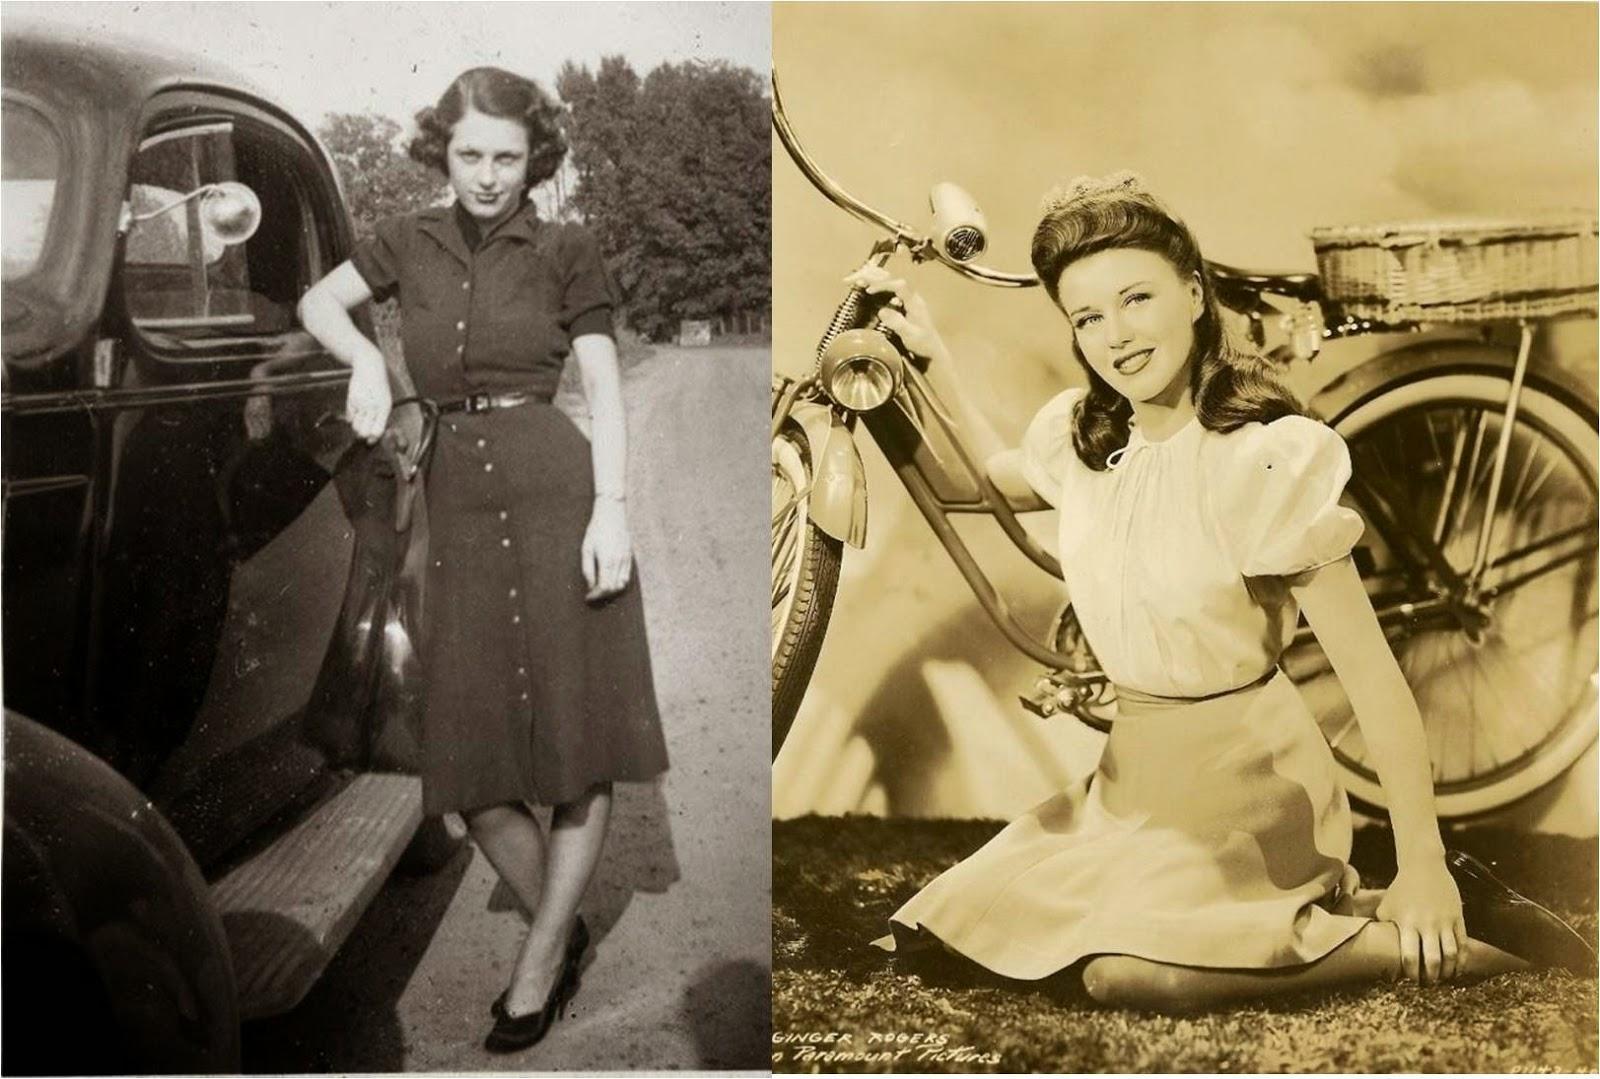 Silhueta estreita e cintura marcada. As saias eram retas com pregas  invertidas para facilitar o movimento. Alguns projetistas de moda  inspiravam-se em ... 4f983009e06